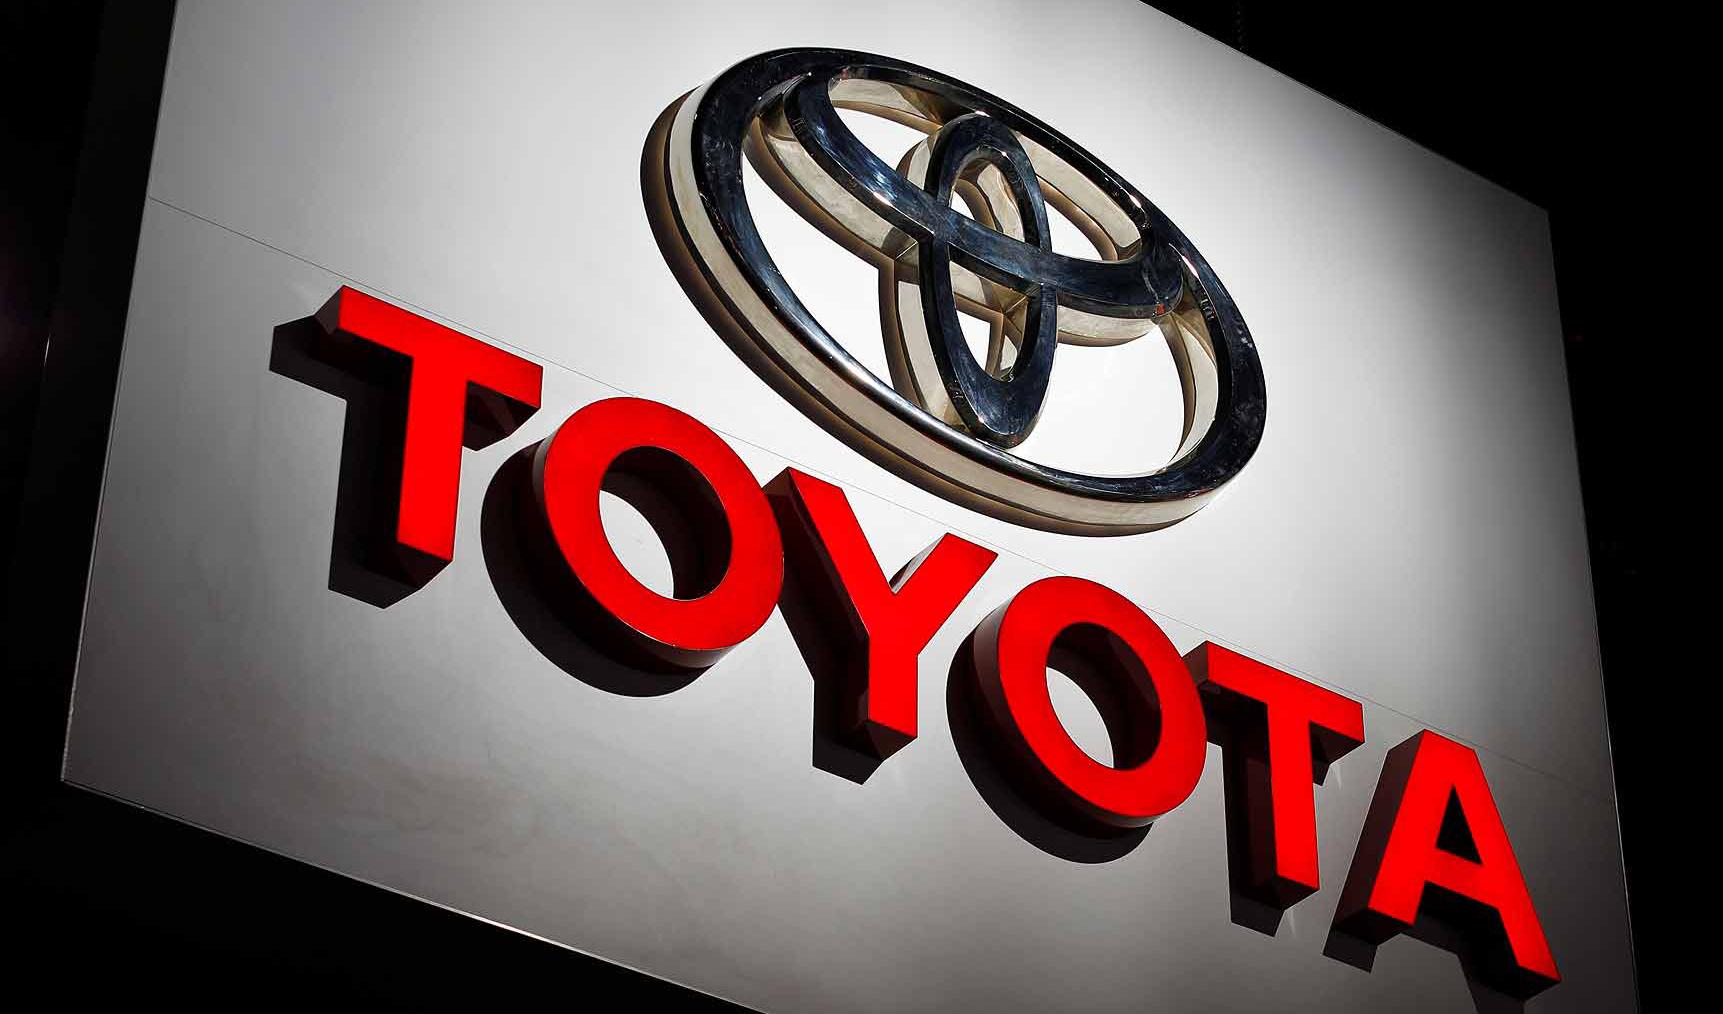 سقوط ۷۰ درصدی فروش تویوتا در چین!